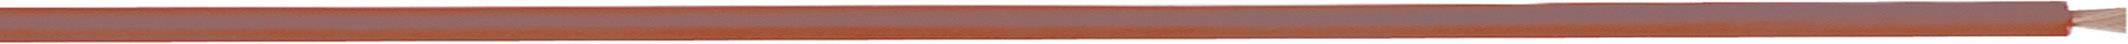 Merací vodič LappKabel 4560042S LiFY, 1 x 1.50 mm², vonkajší Ø 4 mm, metrový tovar, červená